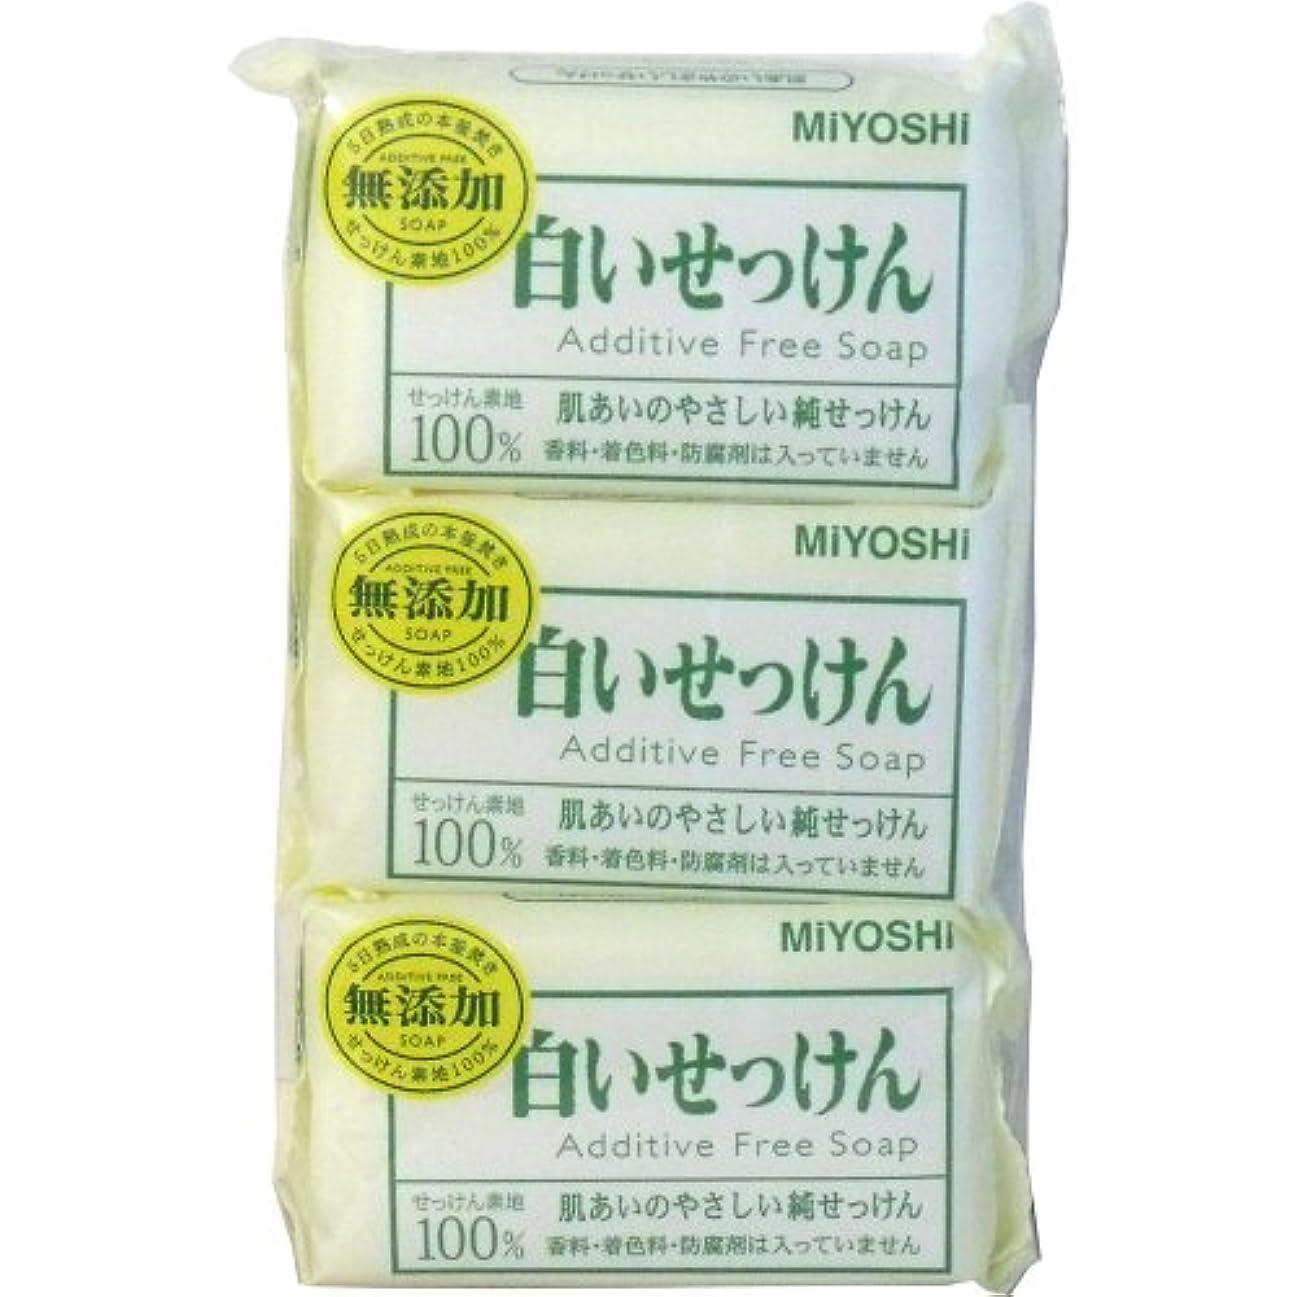 製品孤児ラジウム【ミヨシ】ミヨシ 無添加 白いせっけん 108g×3個入 ×10個セット